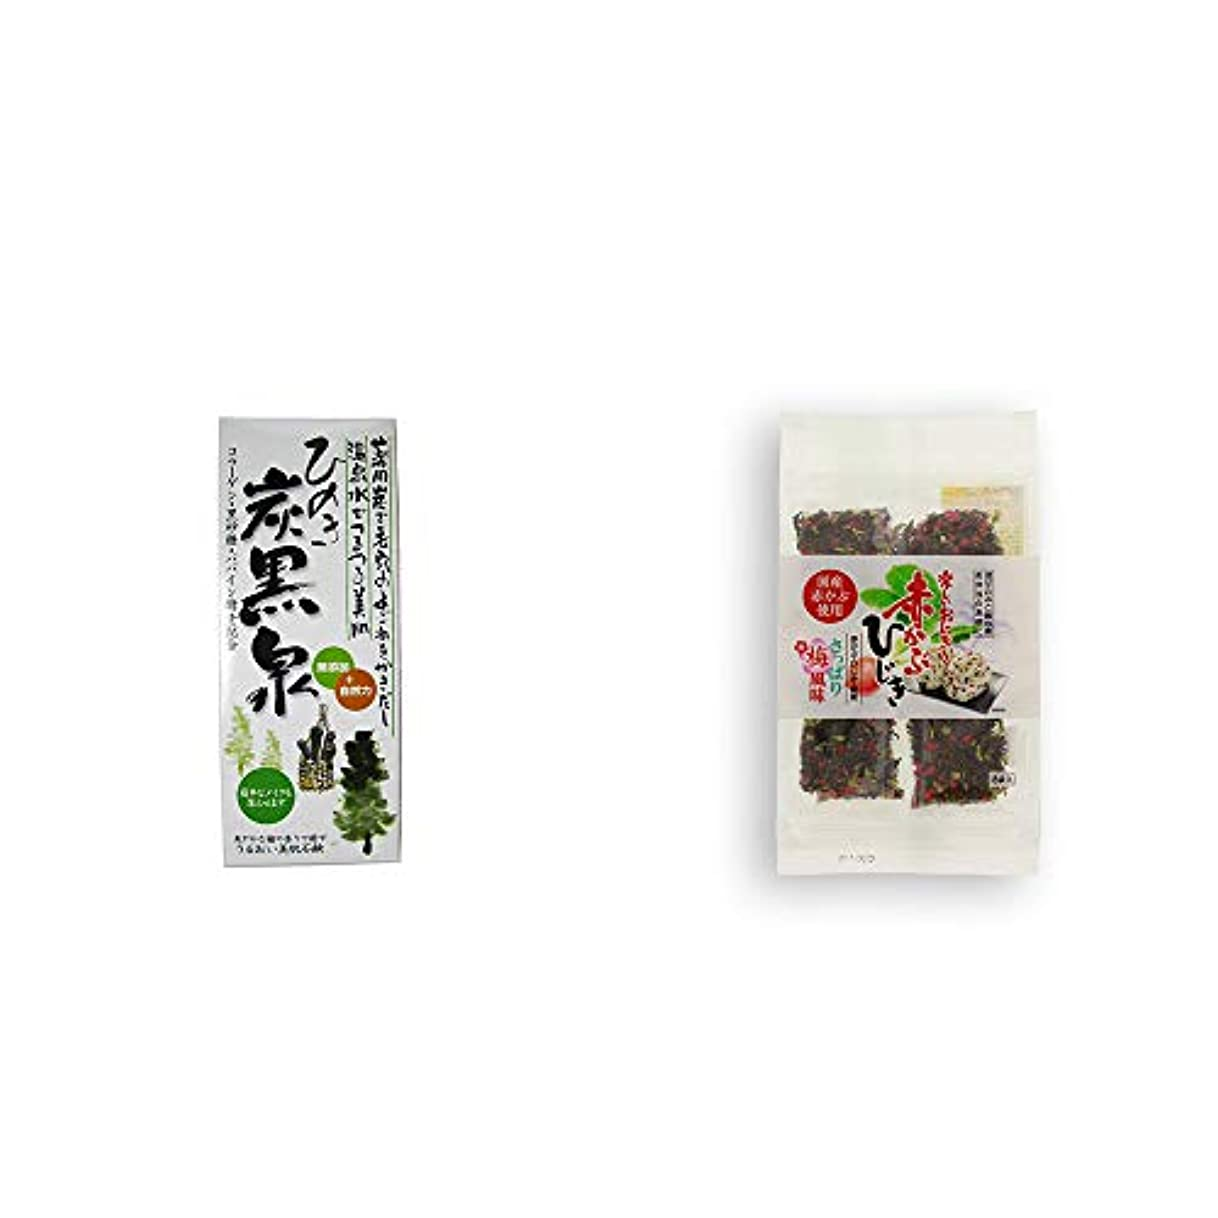 弱まる自然豊富な[2点セット] ひのき炭黒泉 箱入り(75g×3)?楽しいおにぎり 赤かぶひじき(8g×8袋)